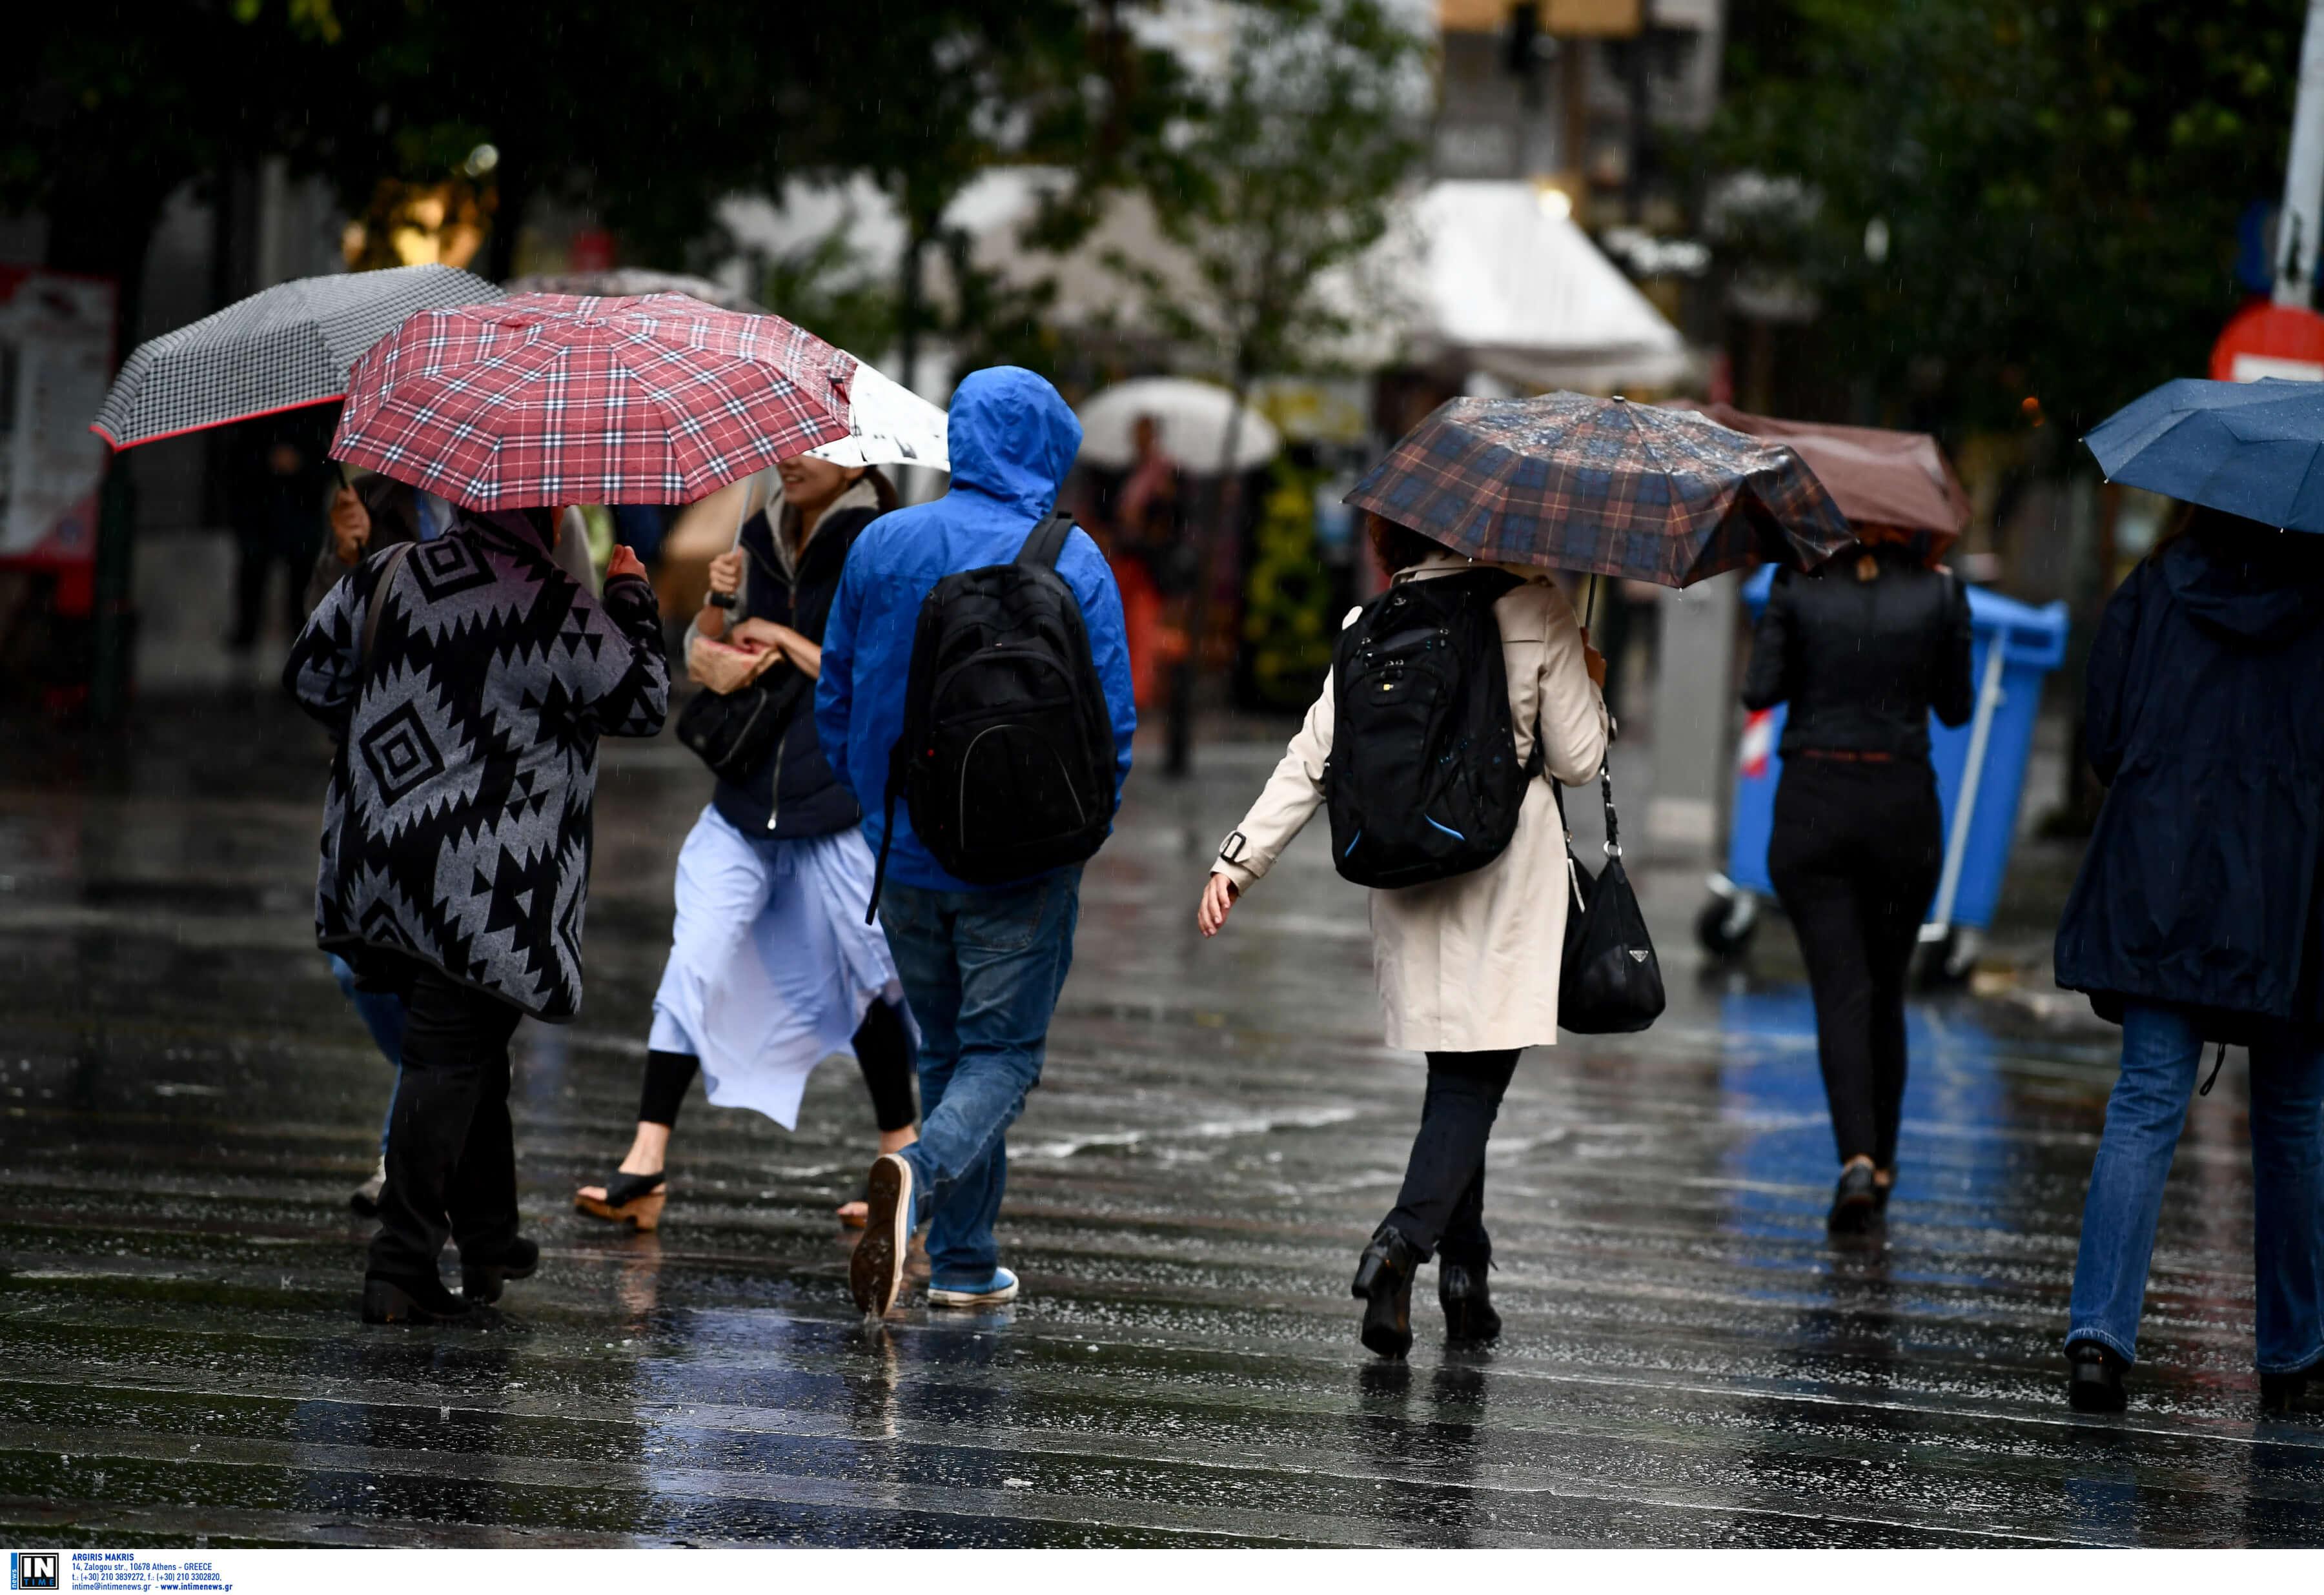 Καιρός αύριο: Νέα επιδείνωση με βροχές και καταιγίδες